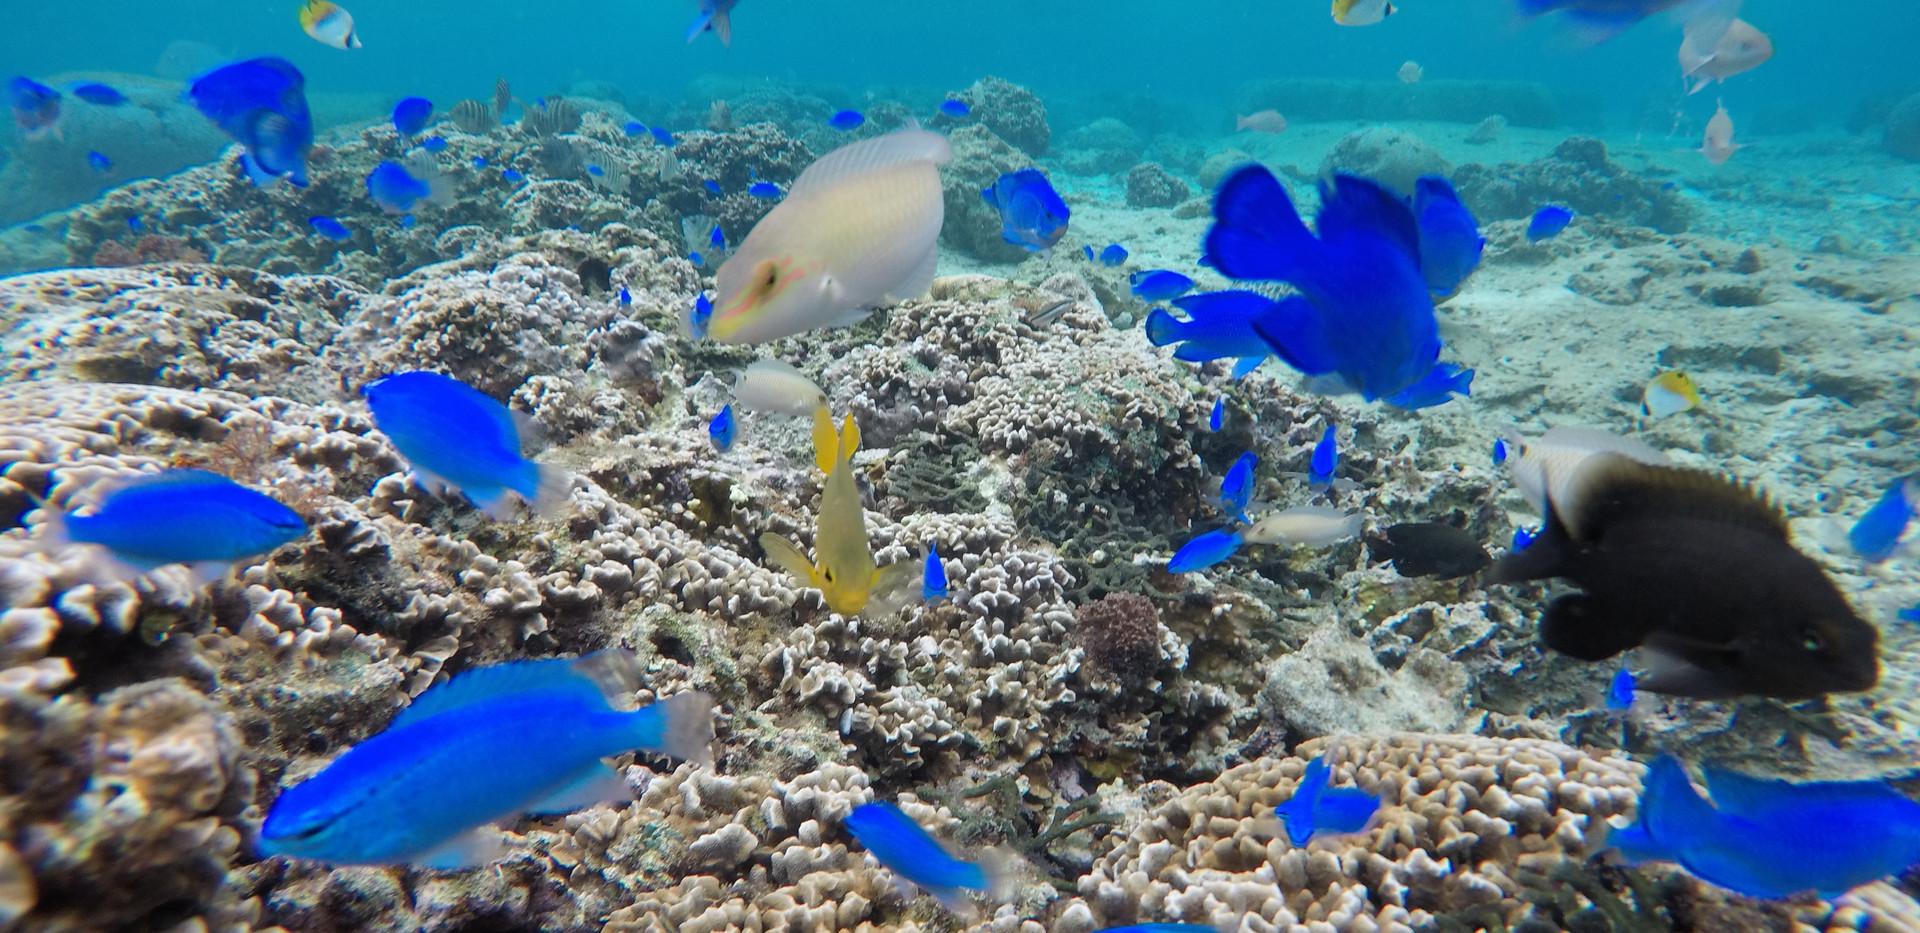 色鮮やかなお魚達